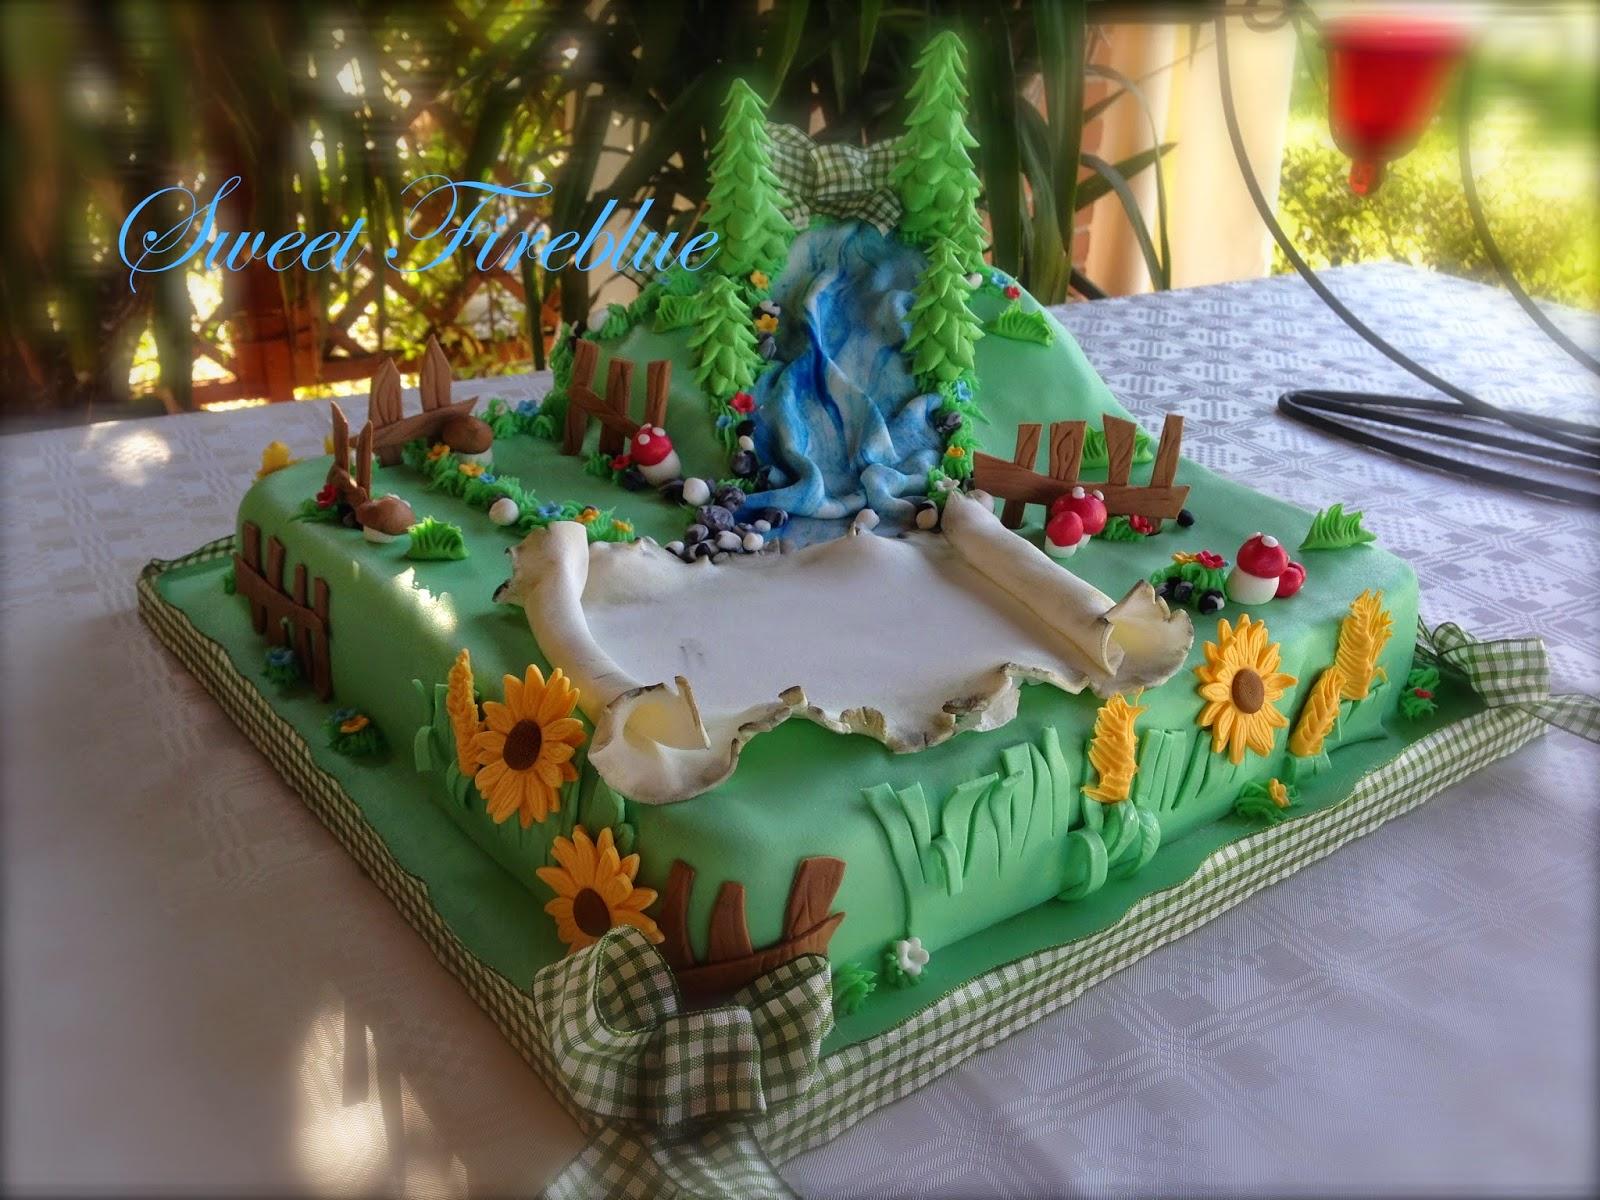 decorazioni masha e orso per torte: torte pagina 2 di 2 isola dei ... - Dolci E Decorazioni Graziano